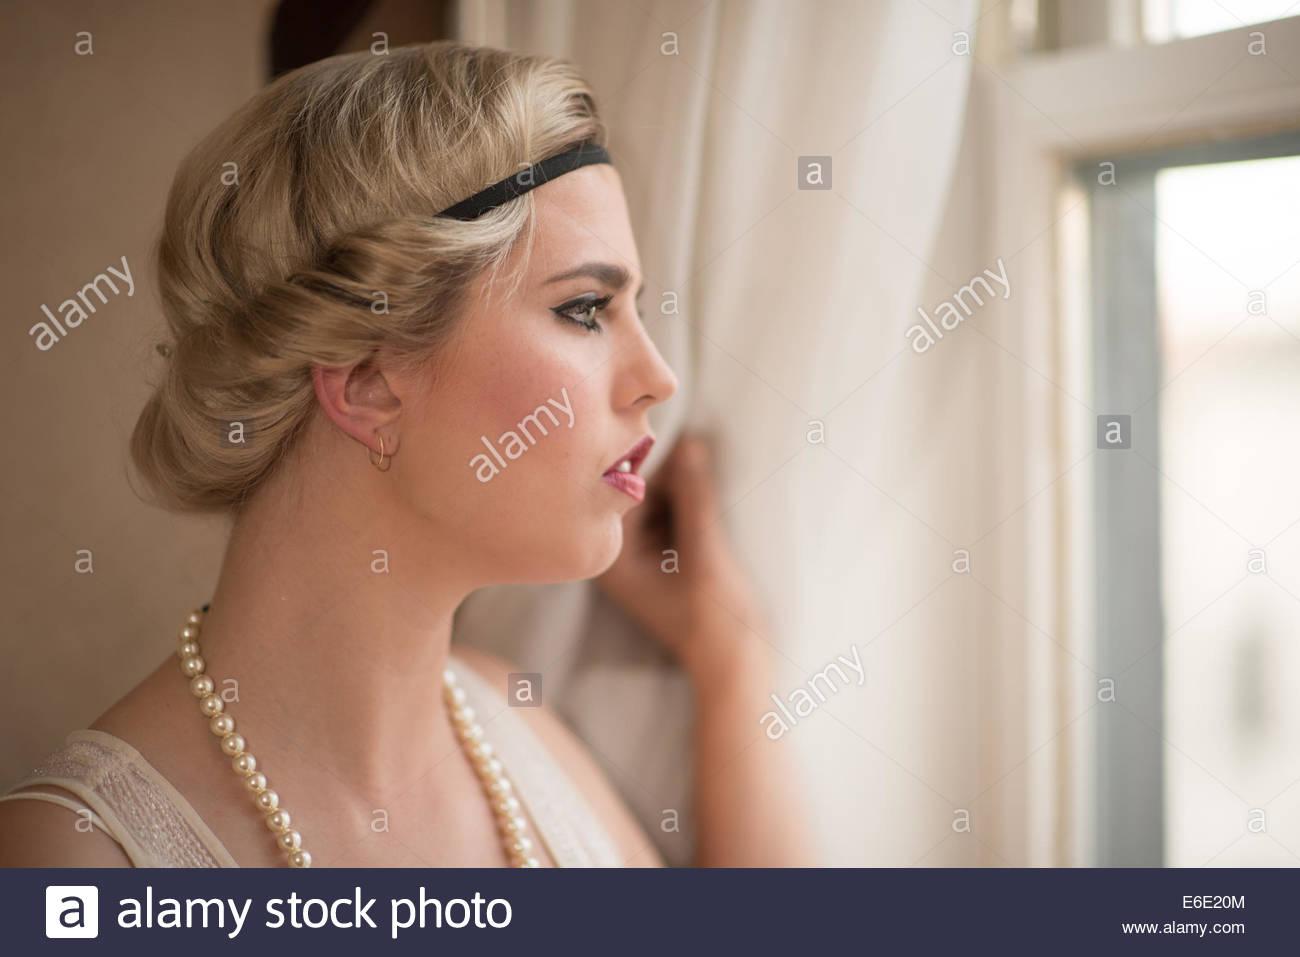 Charleston Frisur Selber Machen Burlesque Kostüm Selber Machen